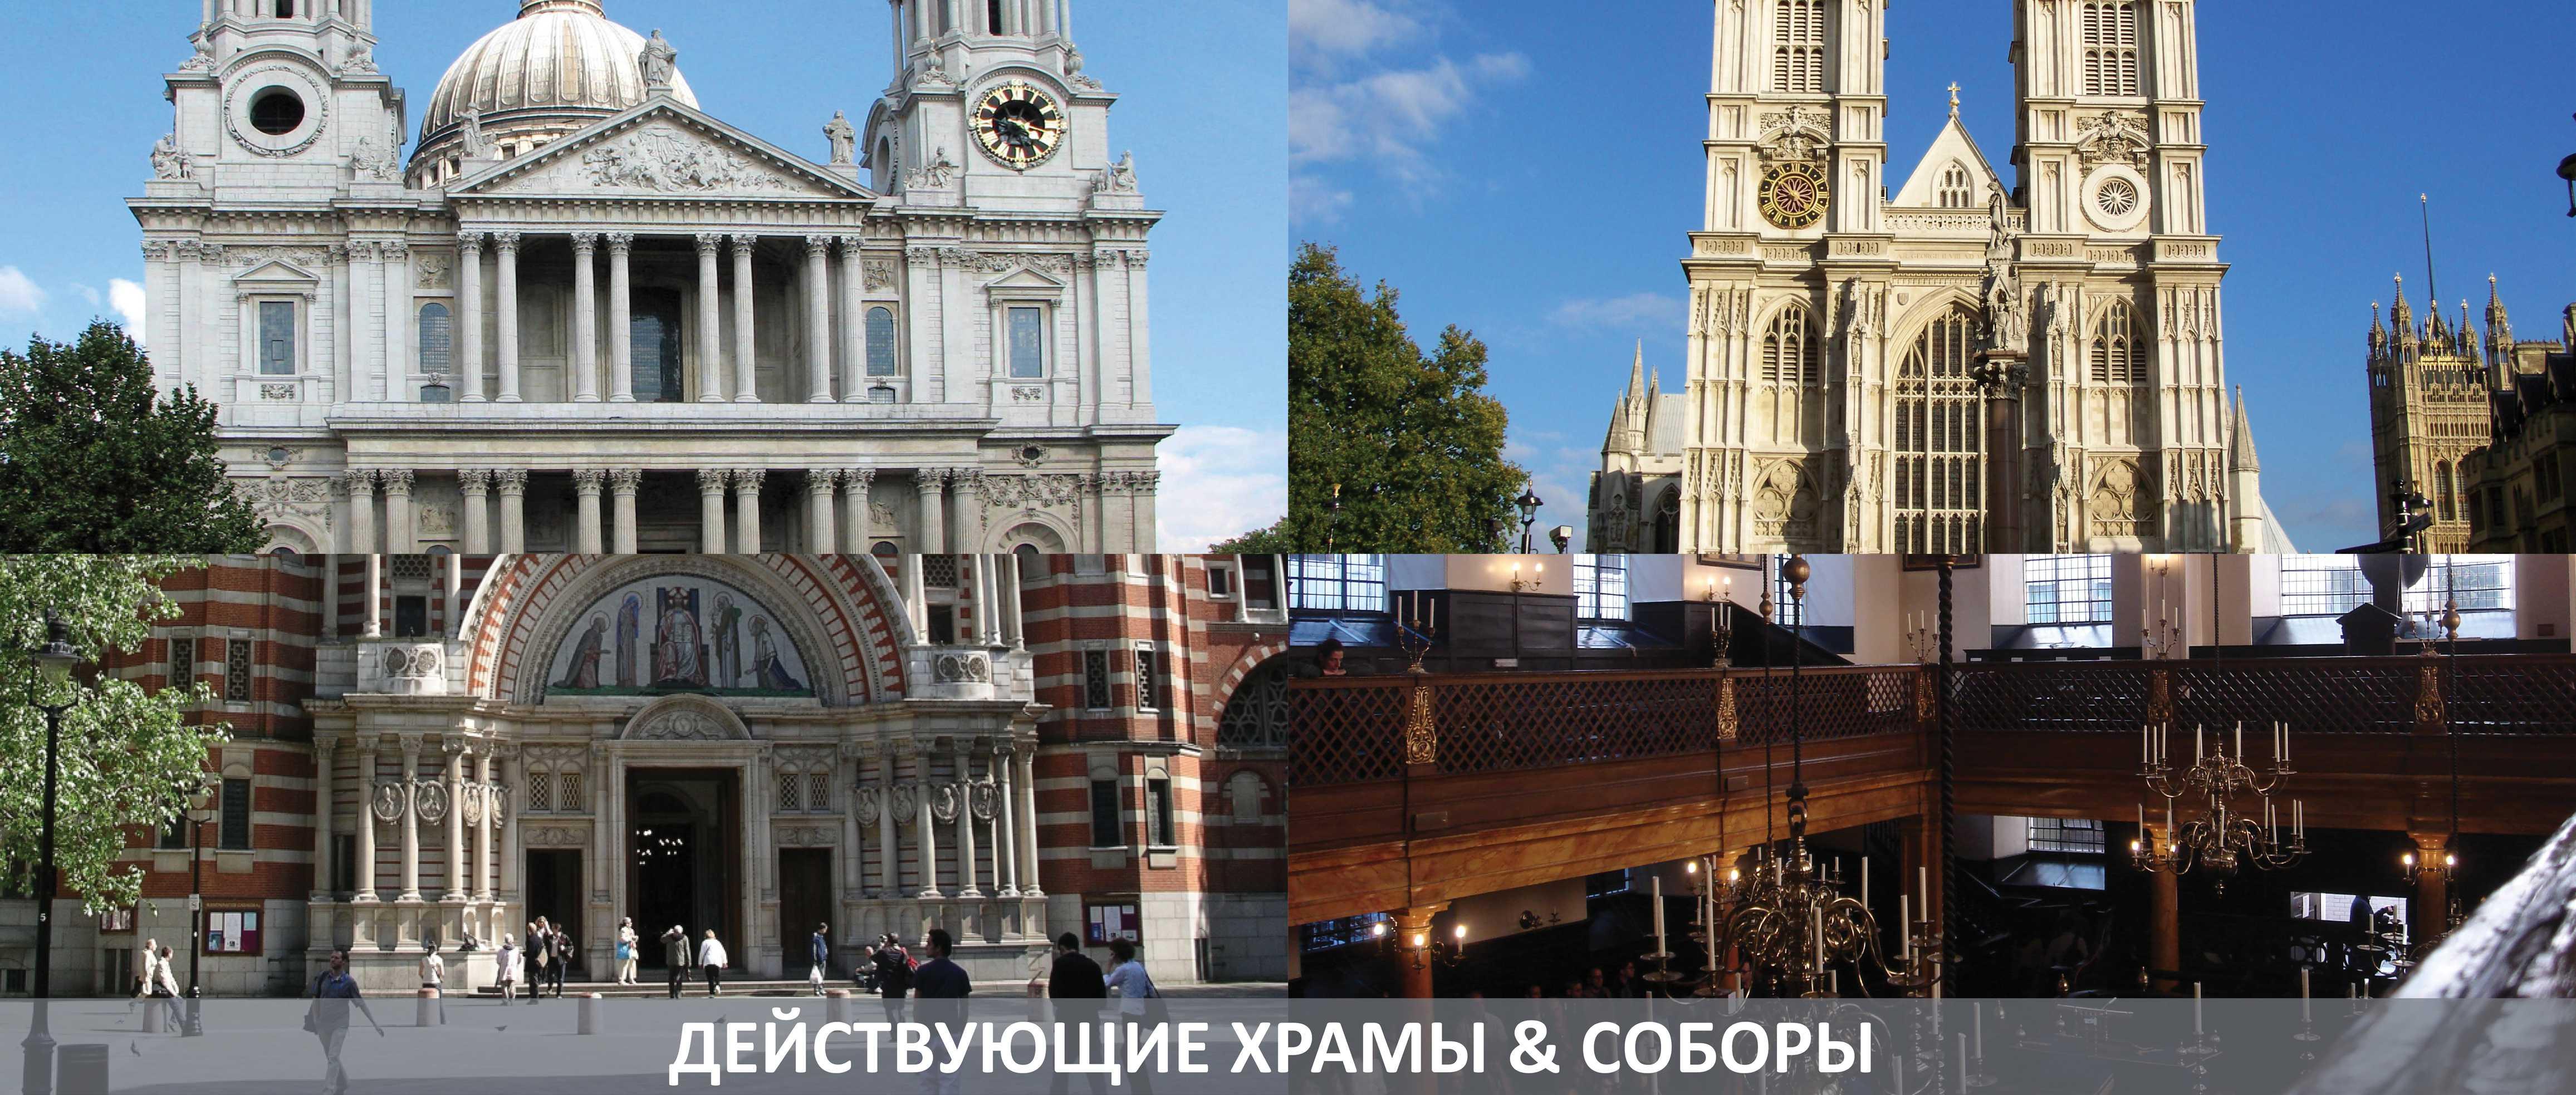 Достопримечательности Лондона : Действующие храмы